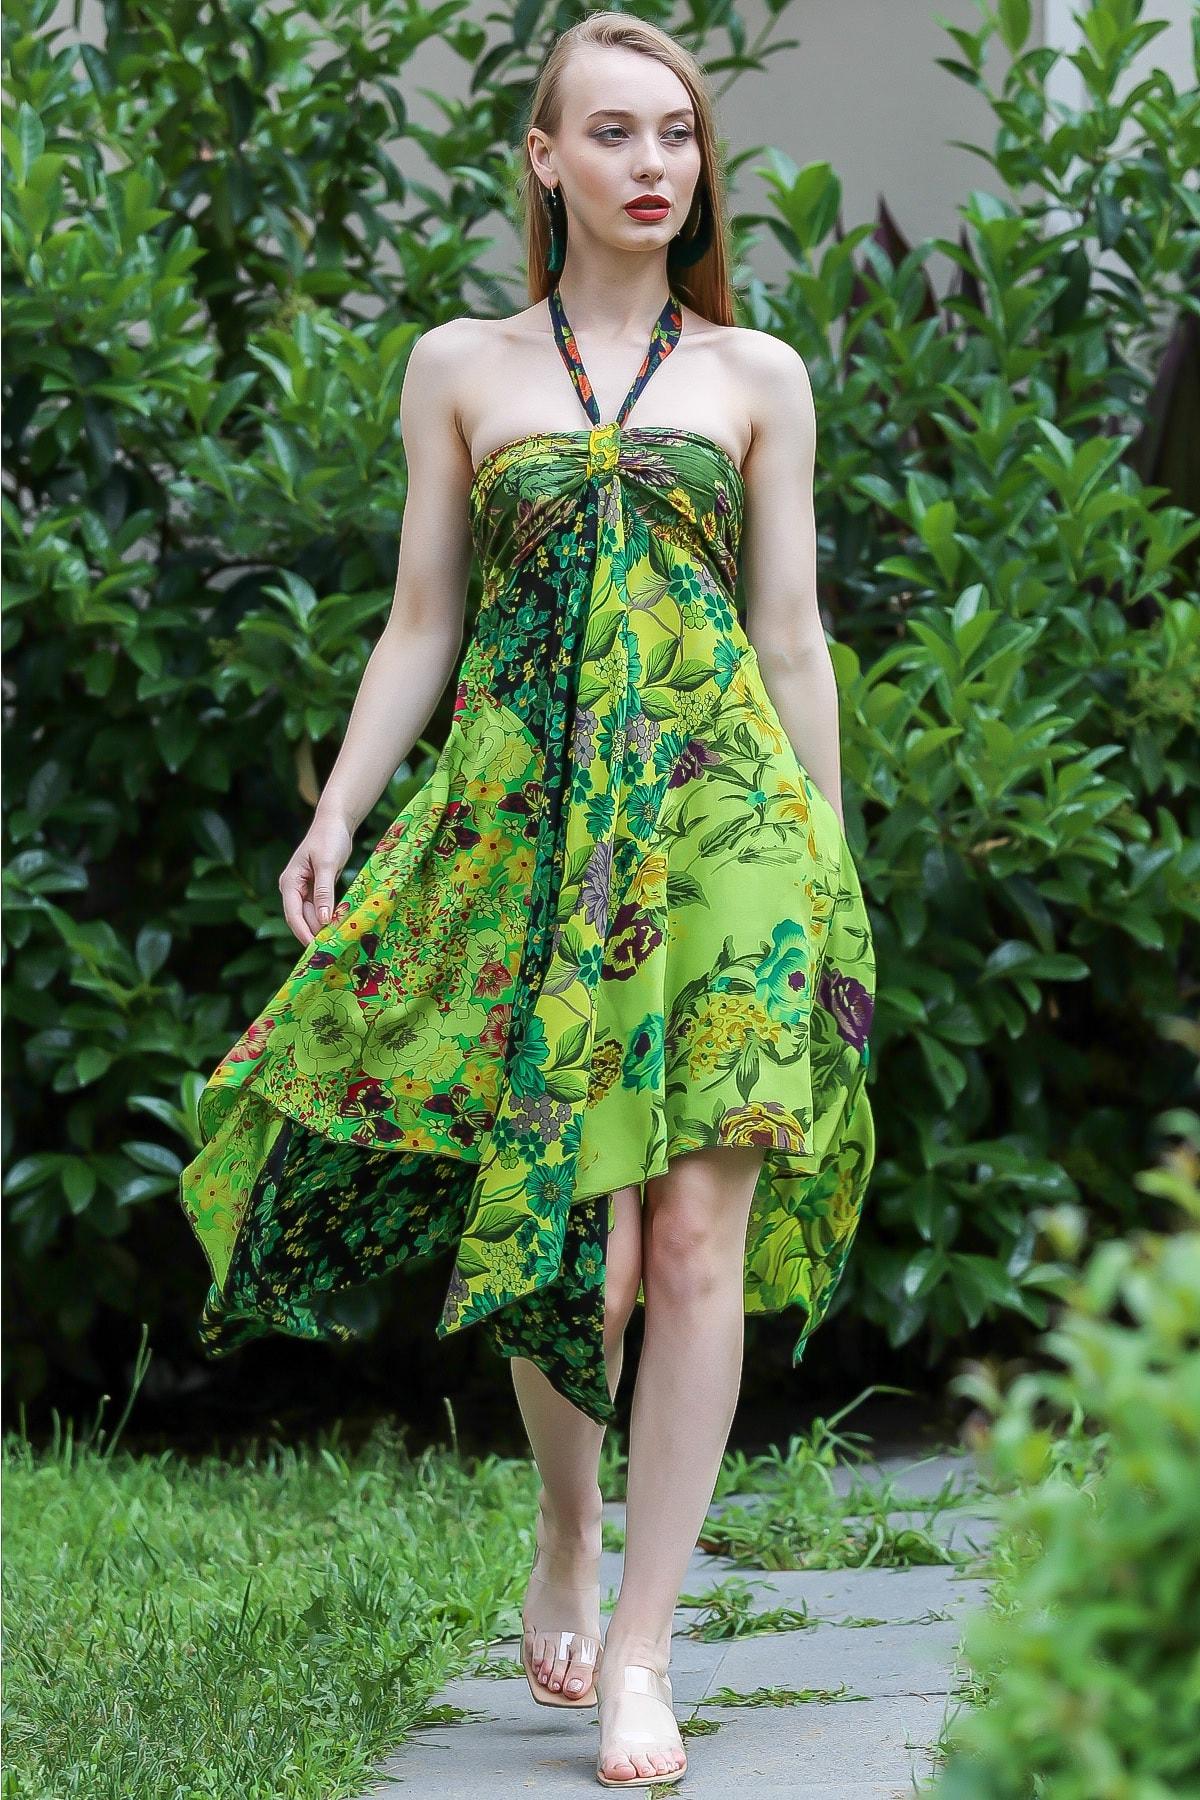 Chiccy Kadın Yeşil Bohem Straplez Boyundan Bağlamalı Patch Work Çiçekli Asimetrik Elbise M10160000EL96642 0